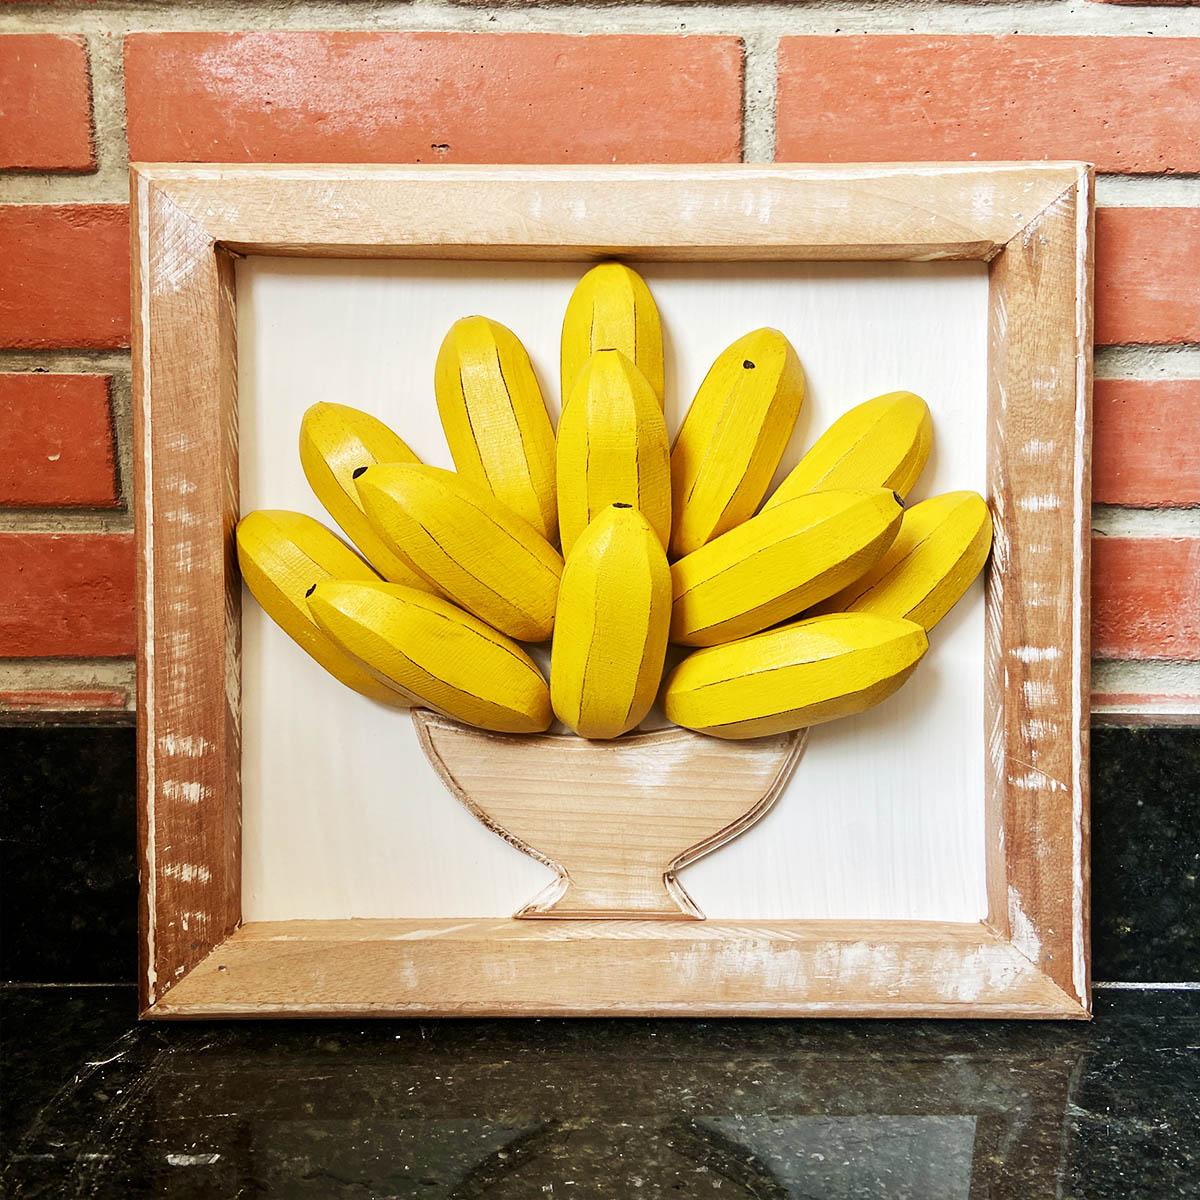 Quadro Rústico  3D   em Formato Banana